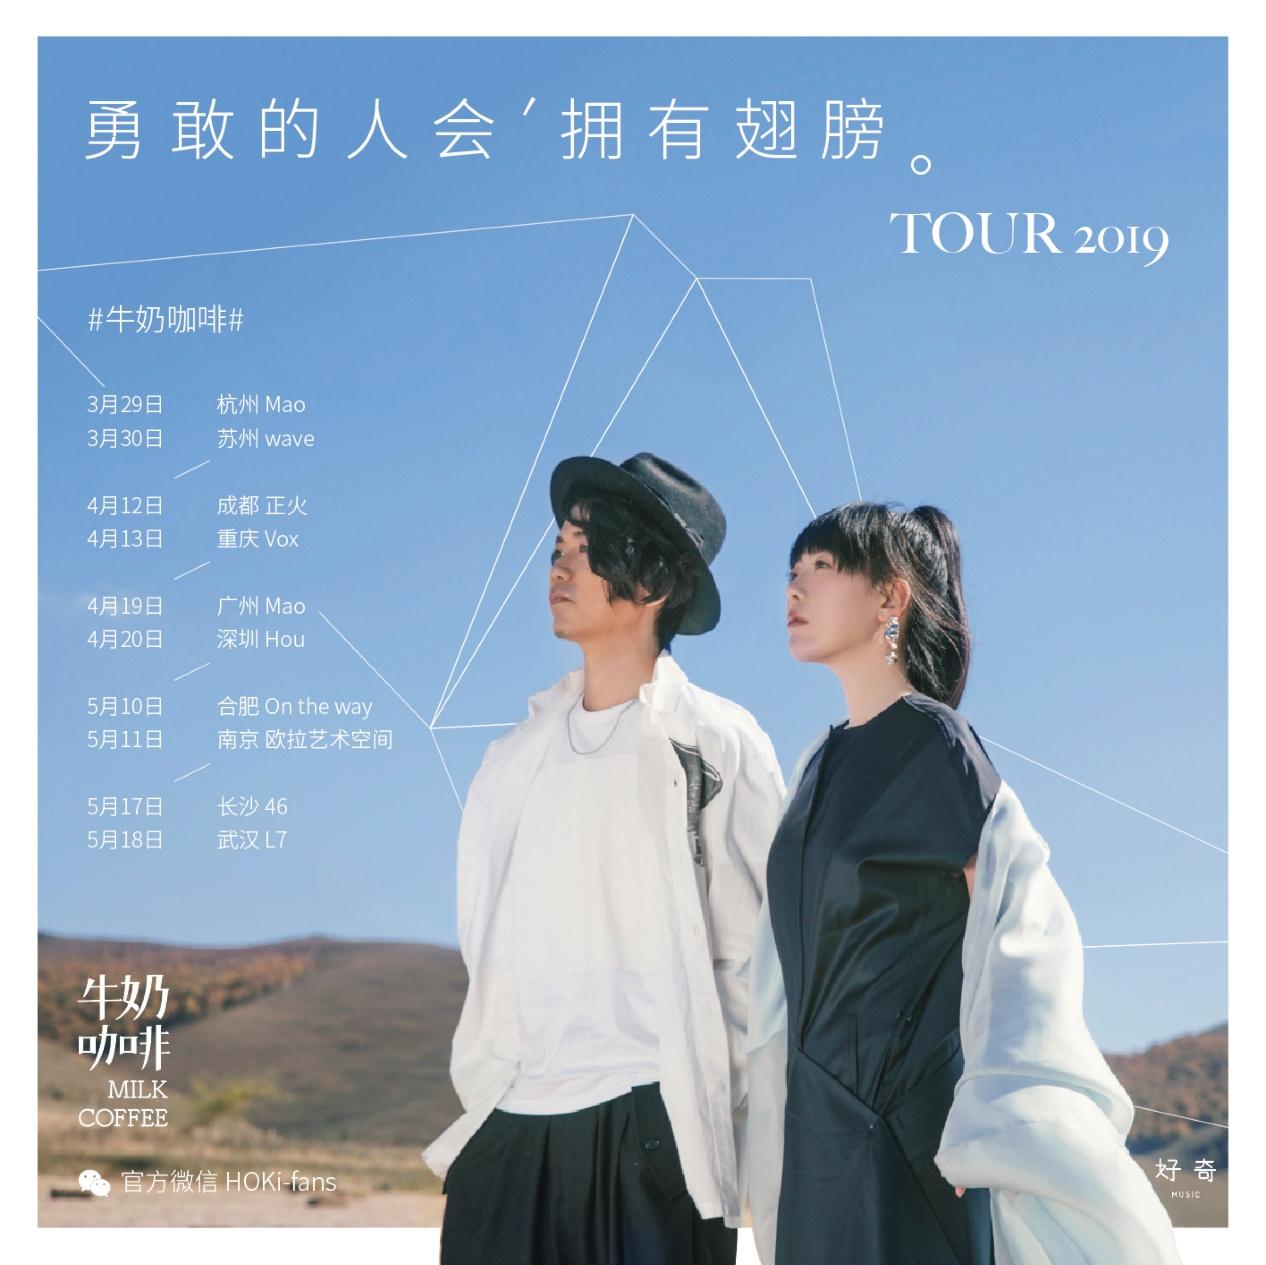 2019牛奶咖啡深圳演唱会时间、地点、门票价格